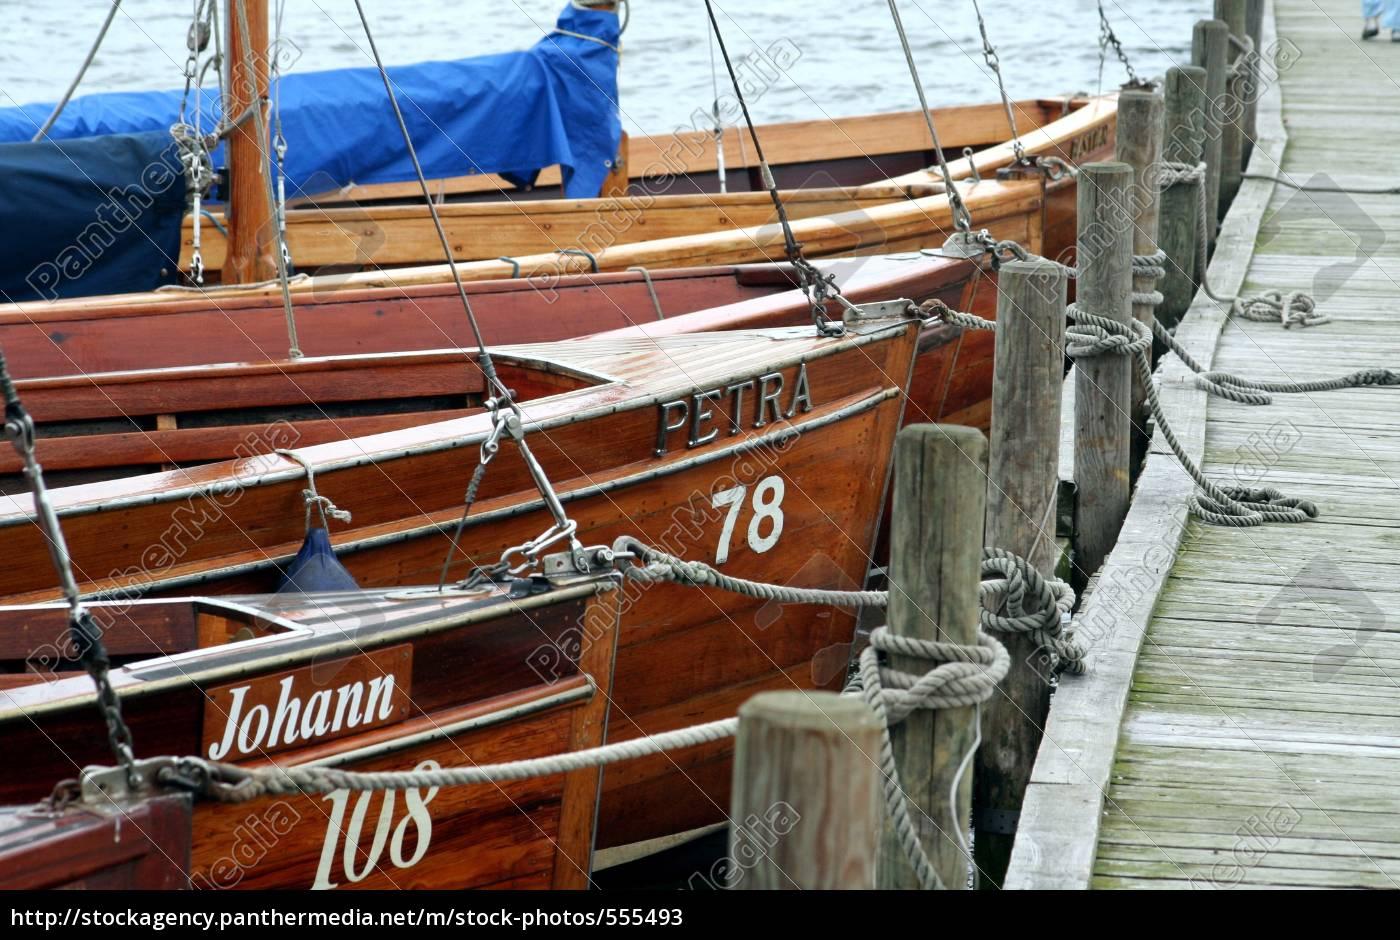 johann, 108 - 555493